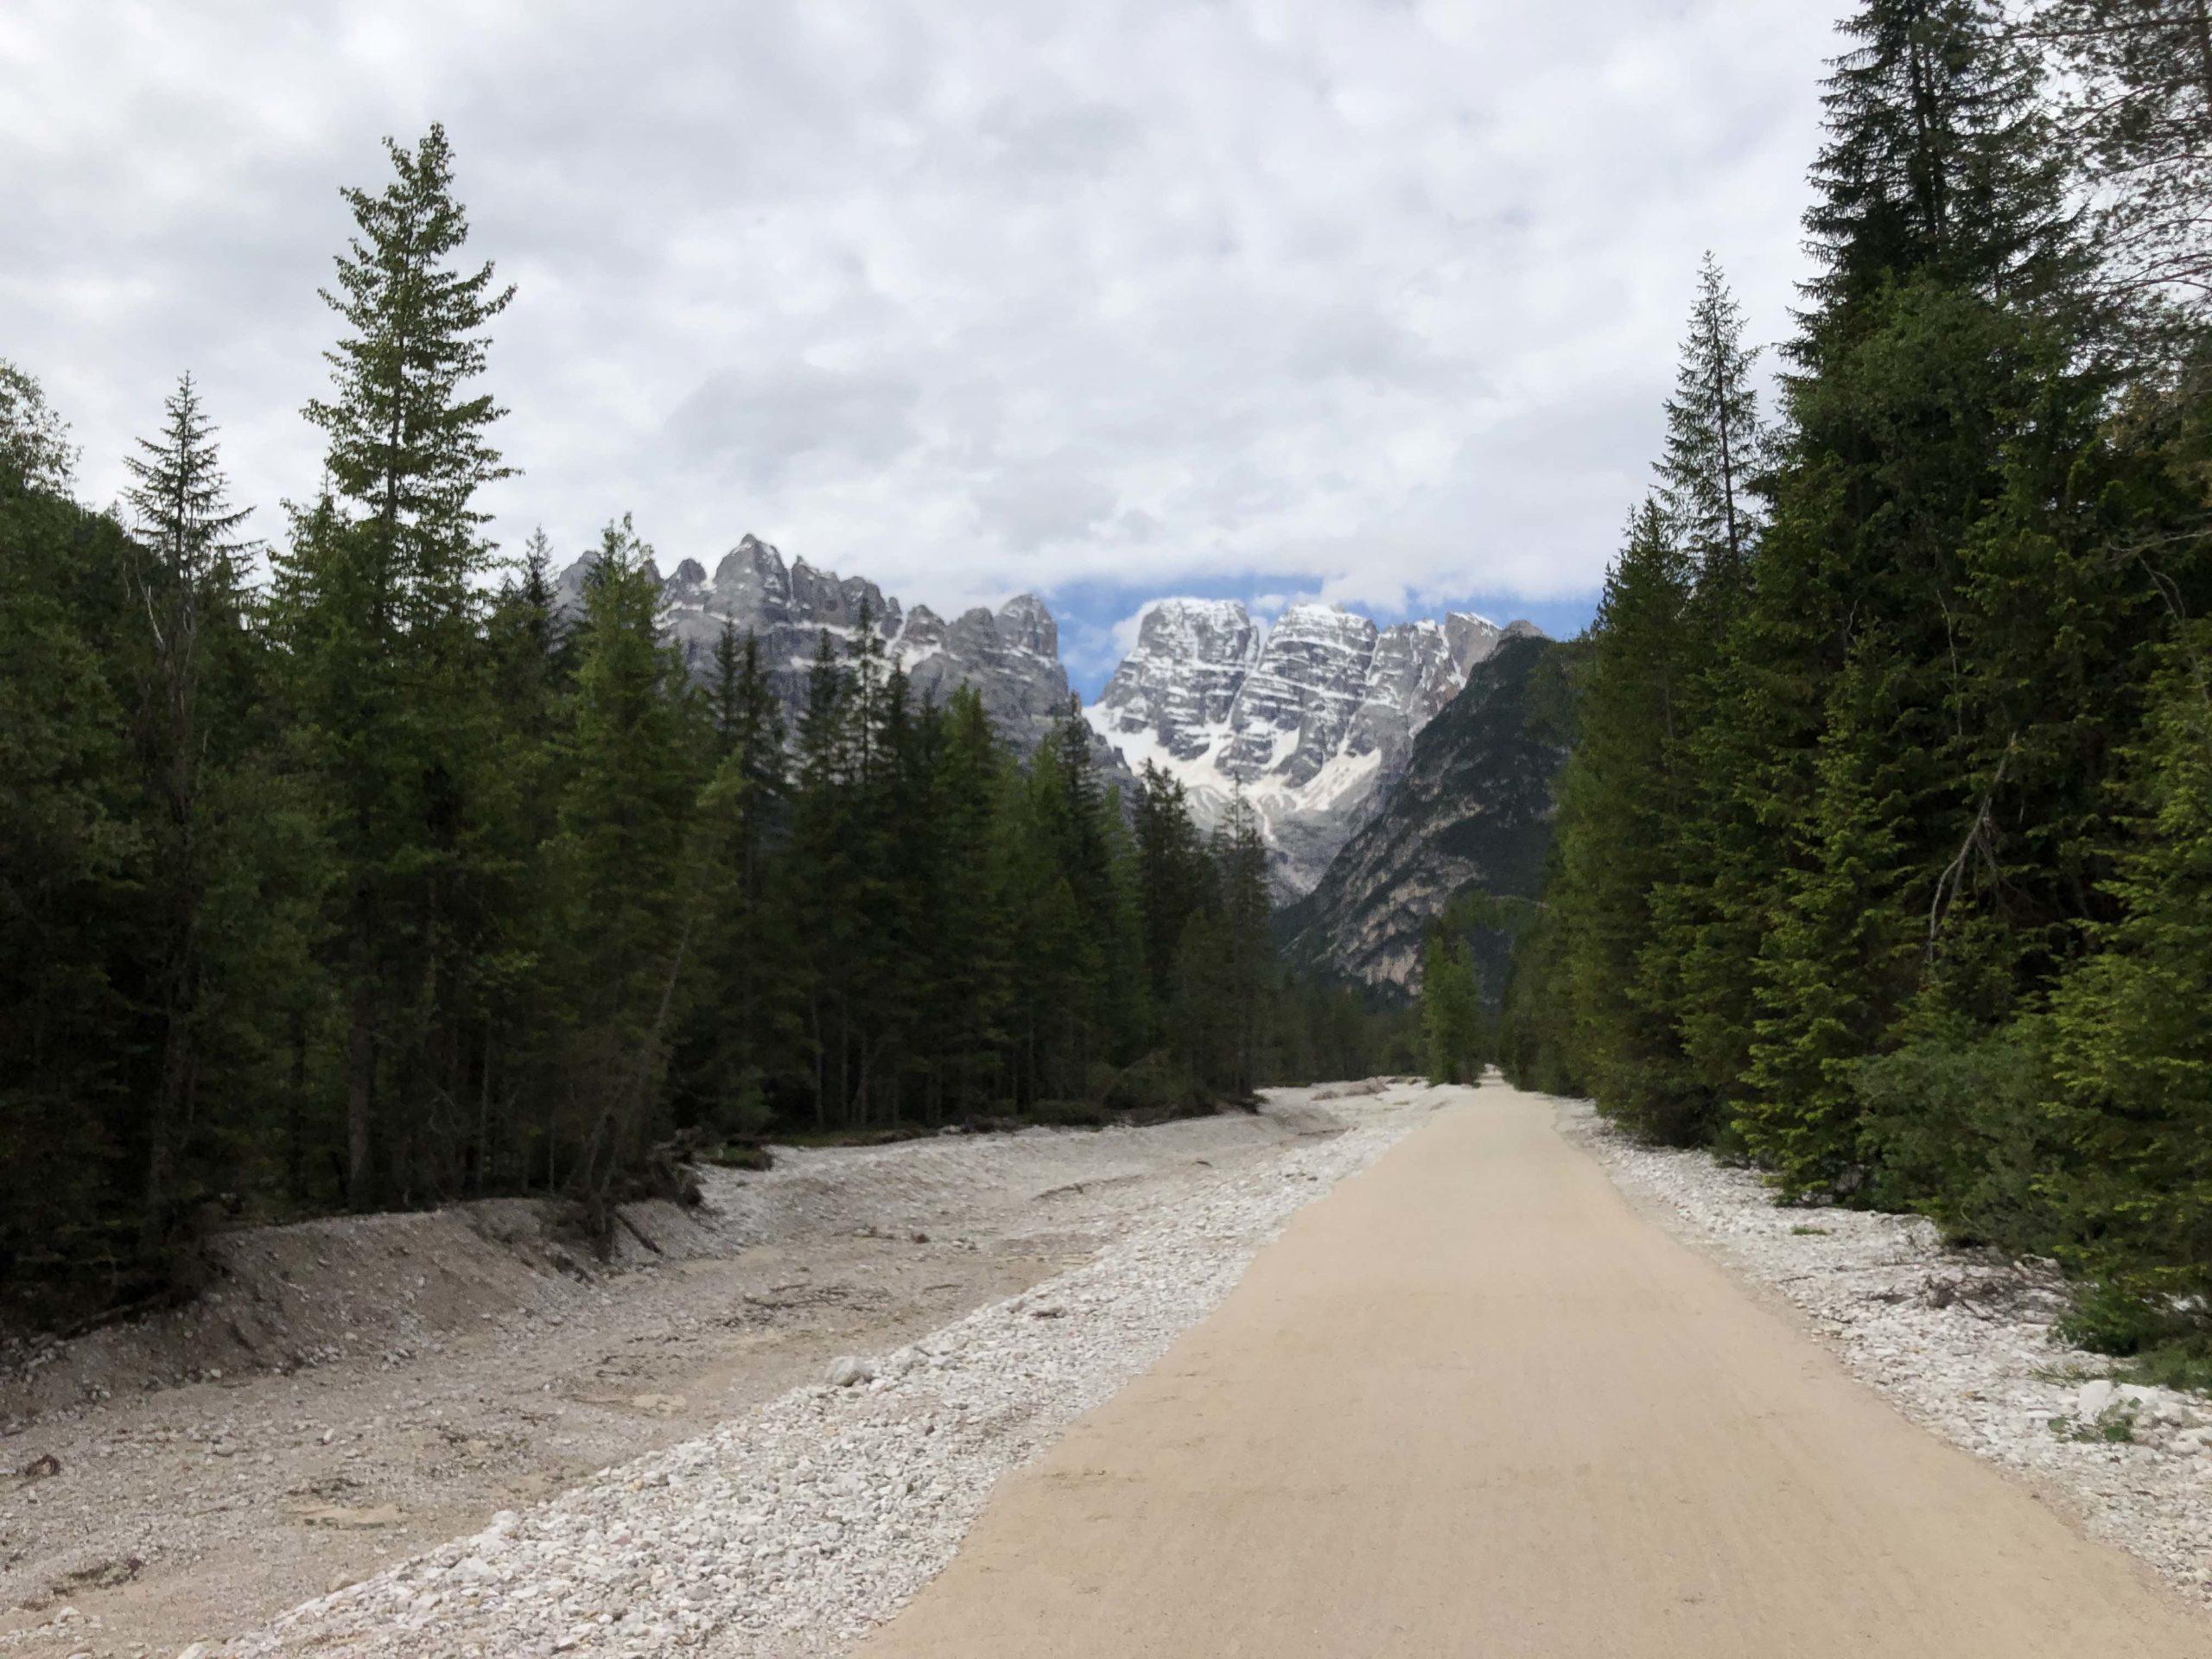 ciclabile delle Dolomiti viaggiatore lento dolomiti sudtirol Südtirol cicloturismo Dobbiaco Cortina d'Ampezzo ciclovia